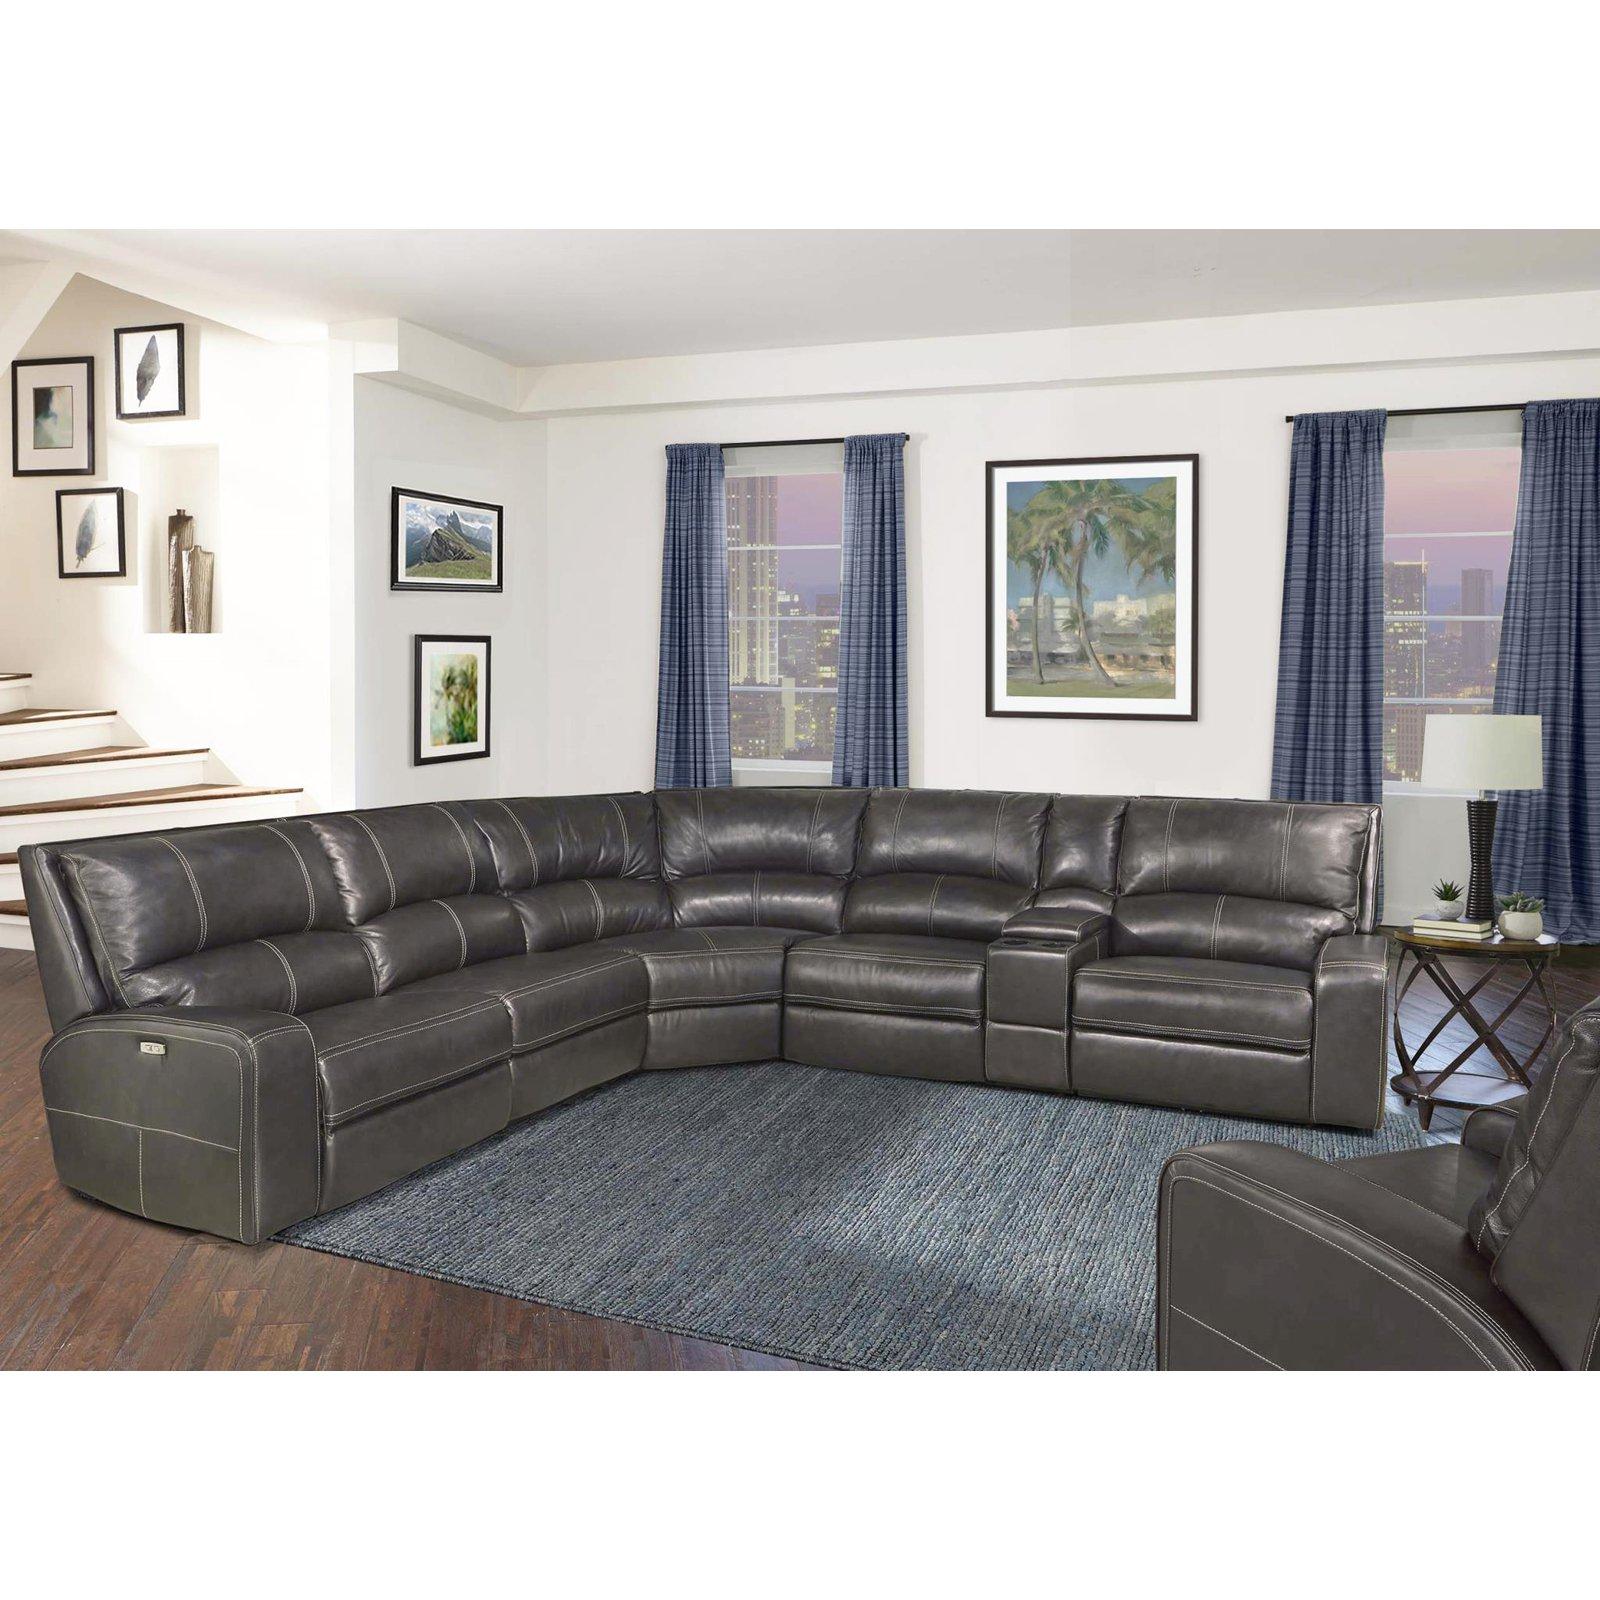 Parker House Swift 6 Piece Modular Sectional Power Reclining Sectional Sofa Sectional Sofa